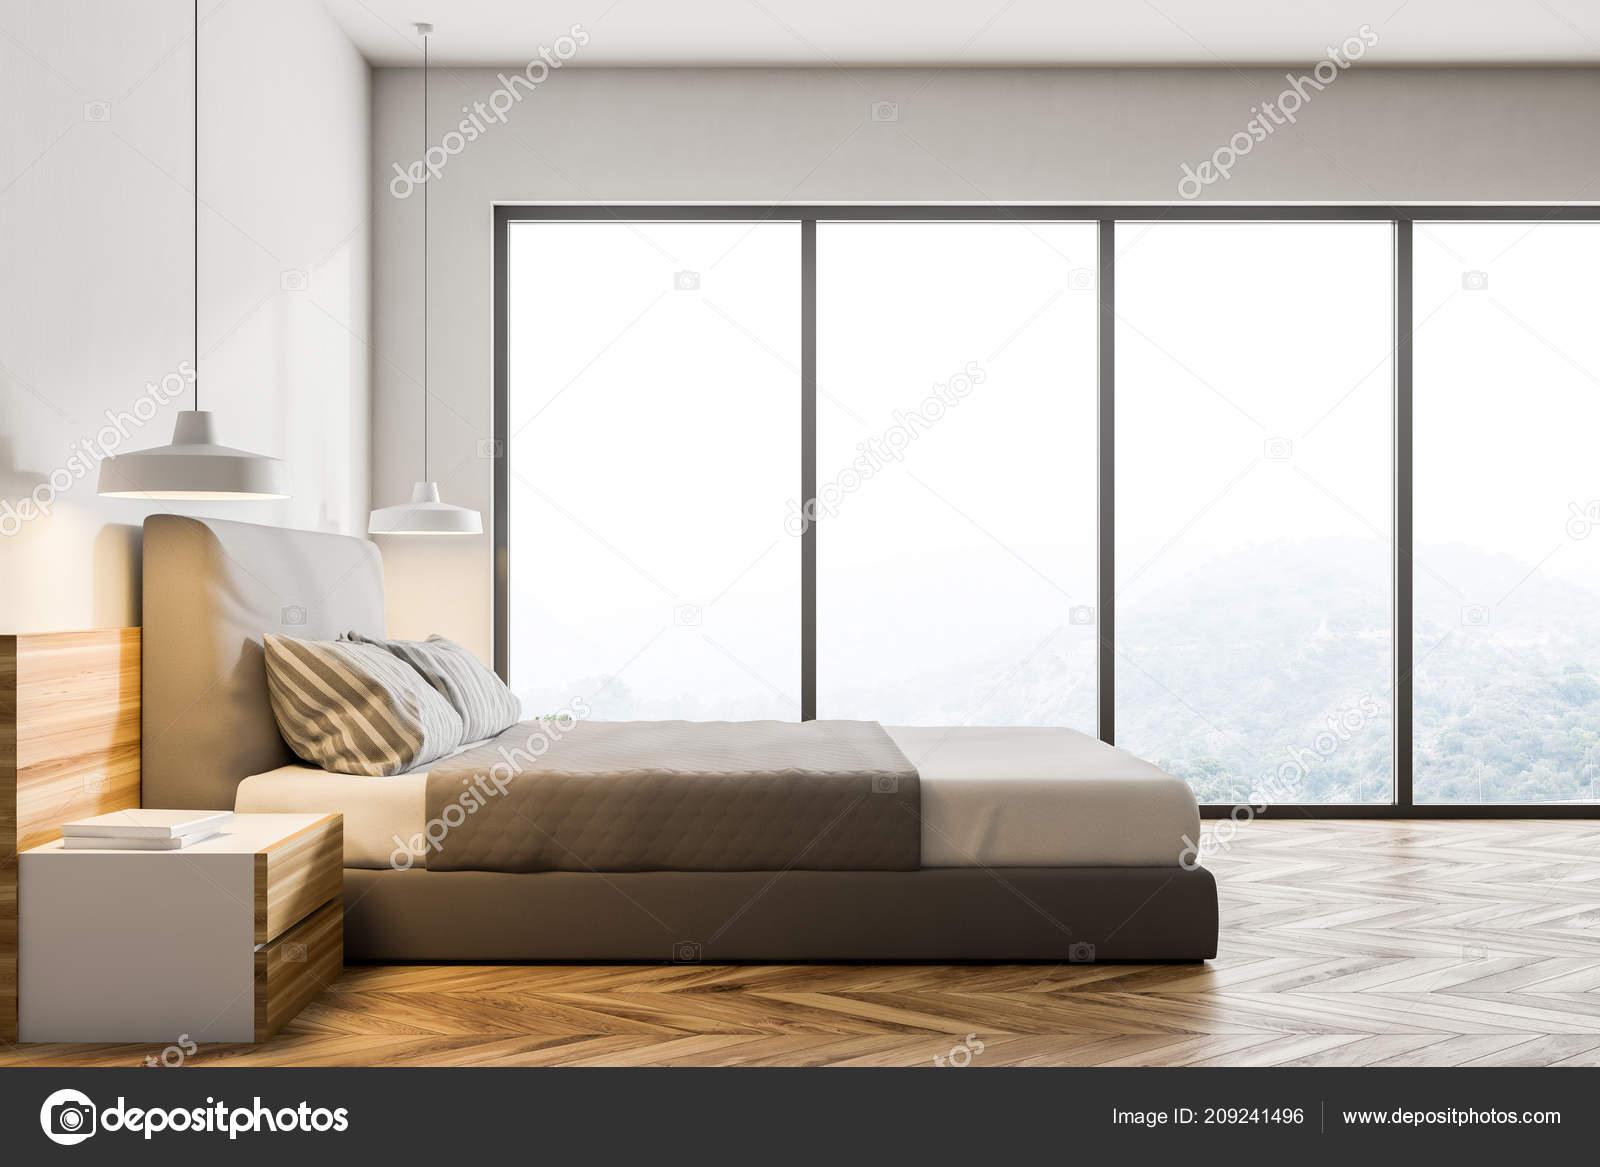 Fußboden Schlafzimmer Lampen ~ Seitlicher blick auf eine moderne schlafzimmer mit weißen wänden